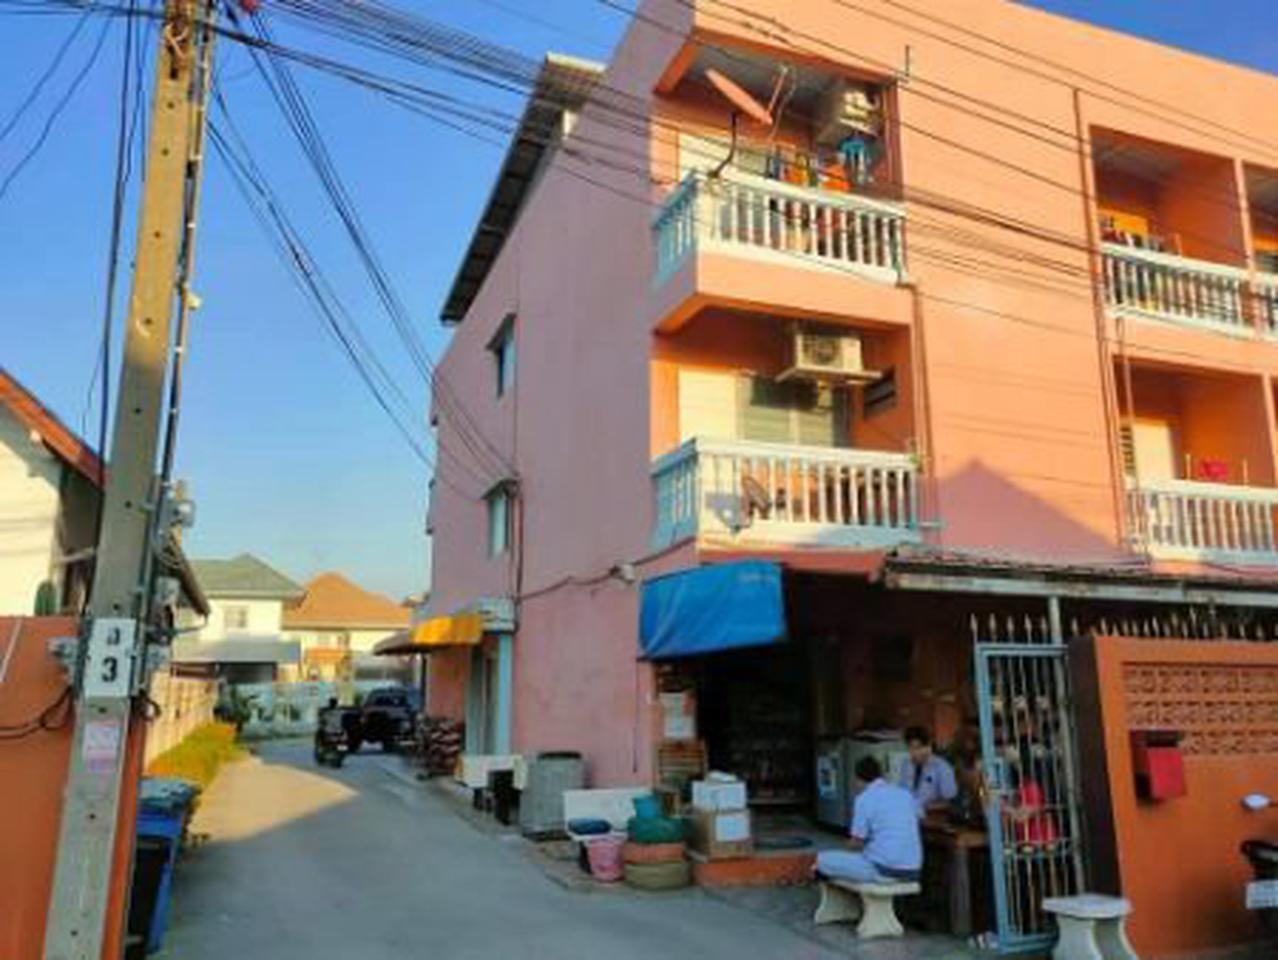 ให้เช่า อพาร์ทเม้นท์ หอพักตึกสีส้ม ขนาด 28 ตรว. พื้นที่ 112 ตรม. รูปที่ 1